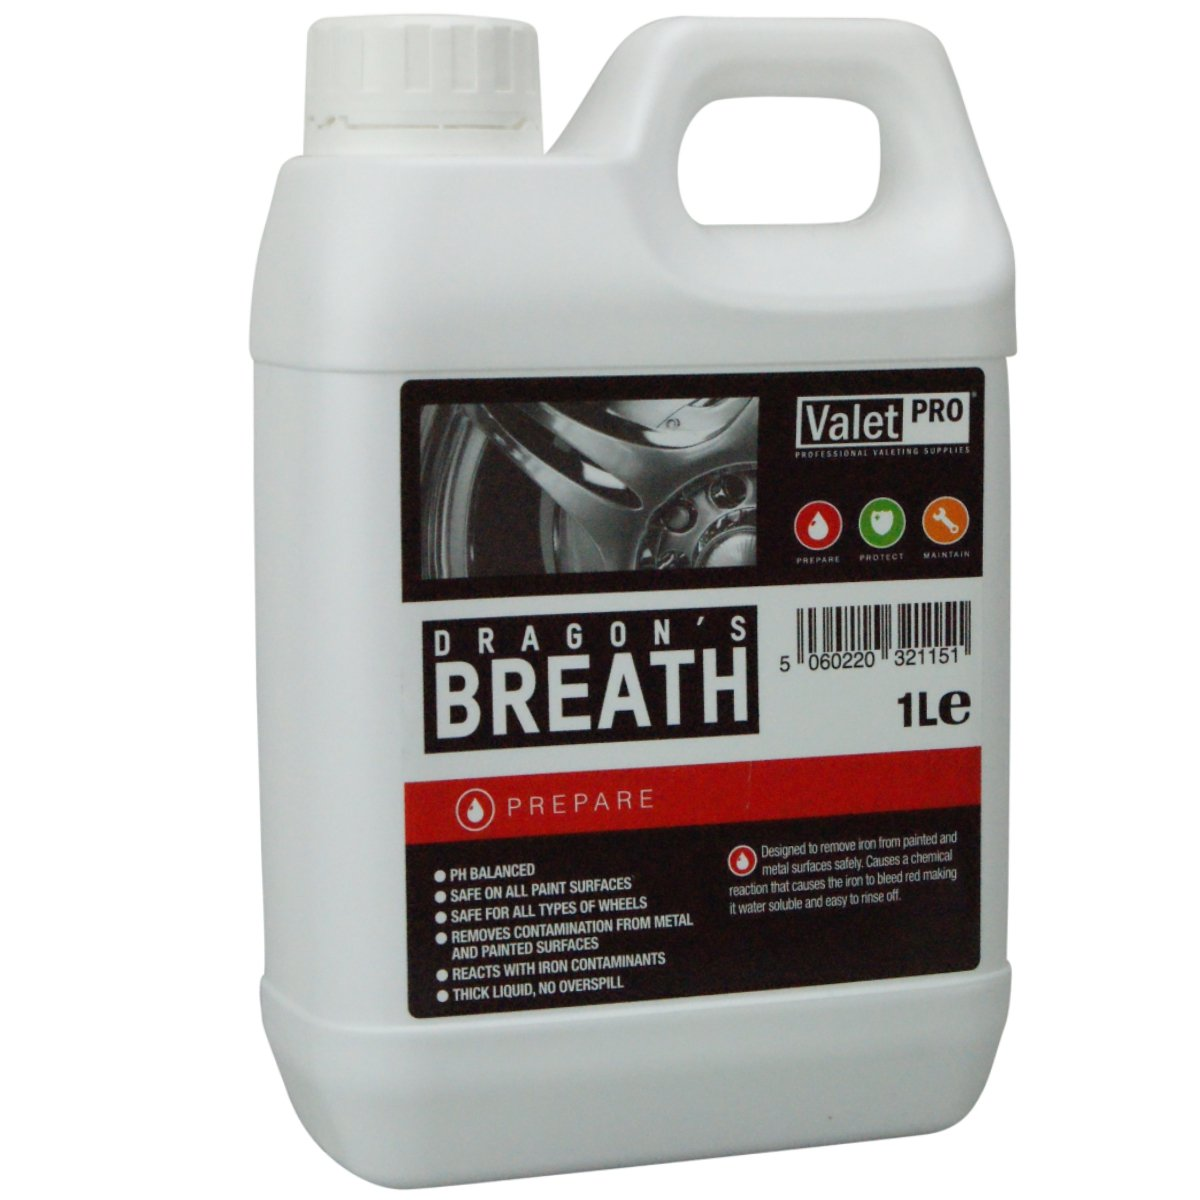 S-valetPRO dragon'breath-flugrostentferner - 1L